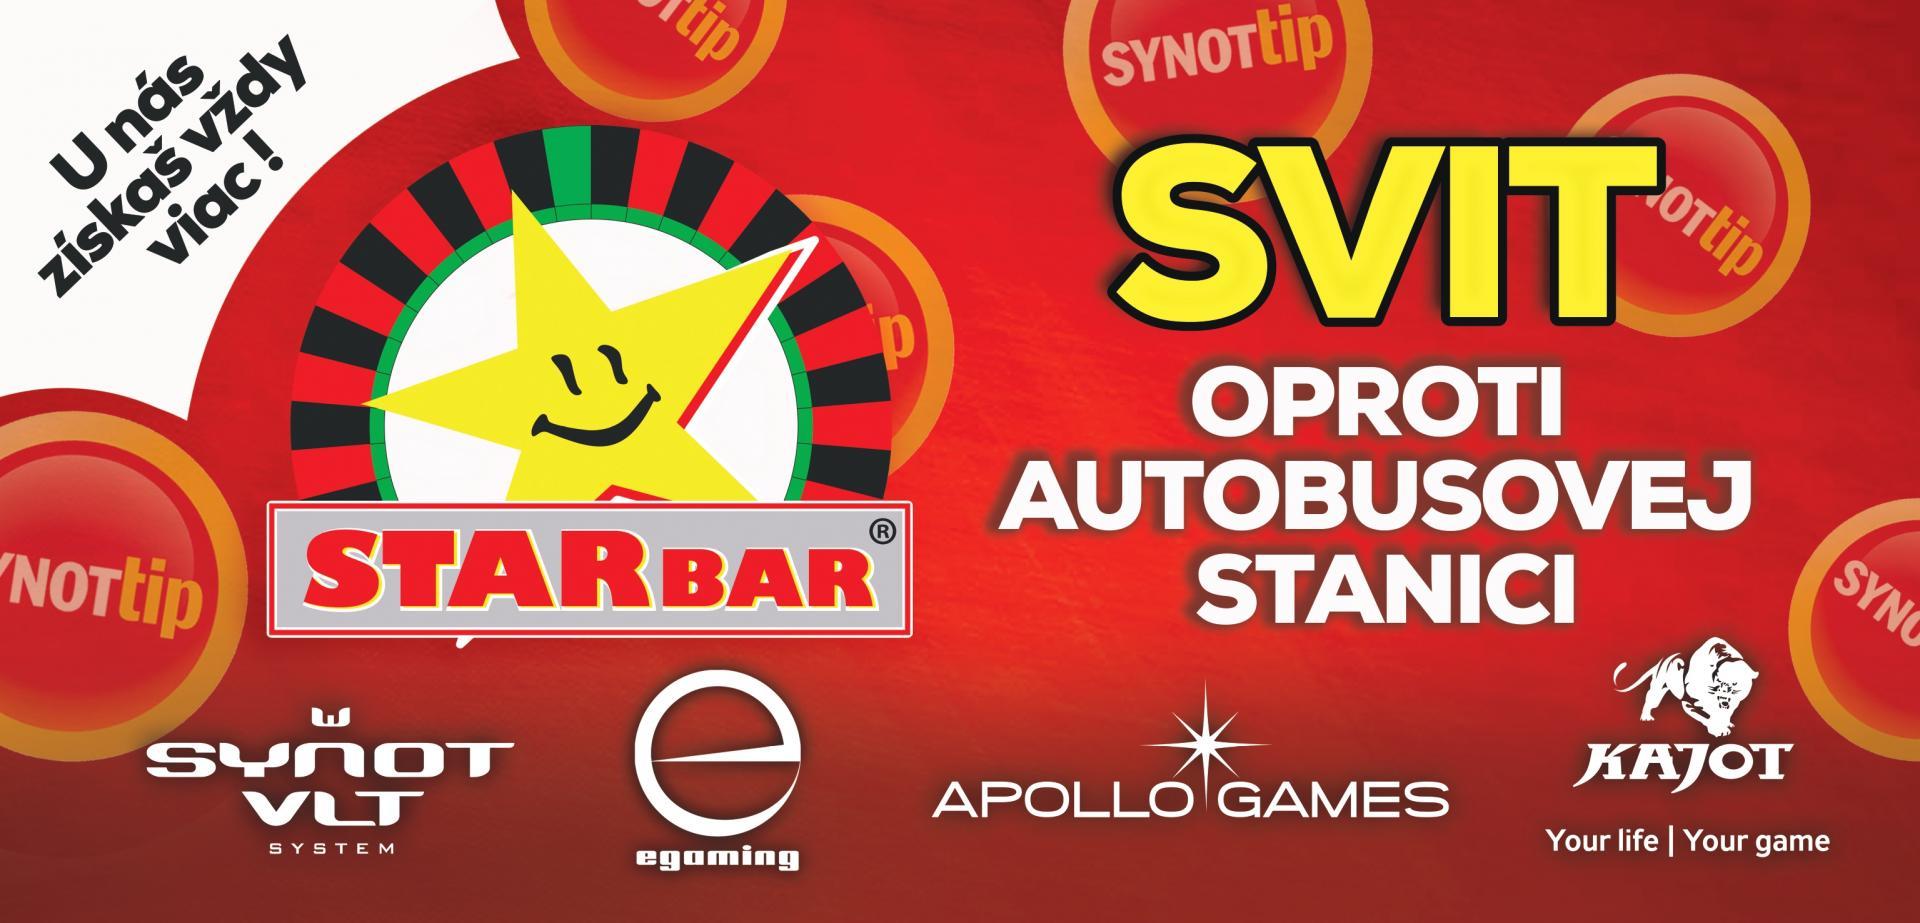 Starbar - u nás získaš vždy viac herňa Svit